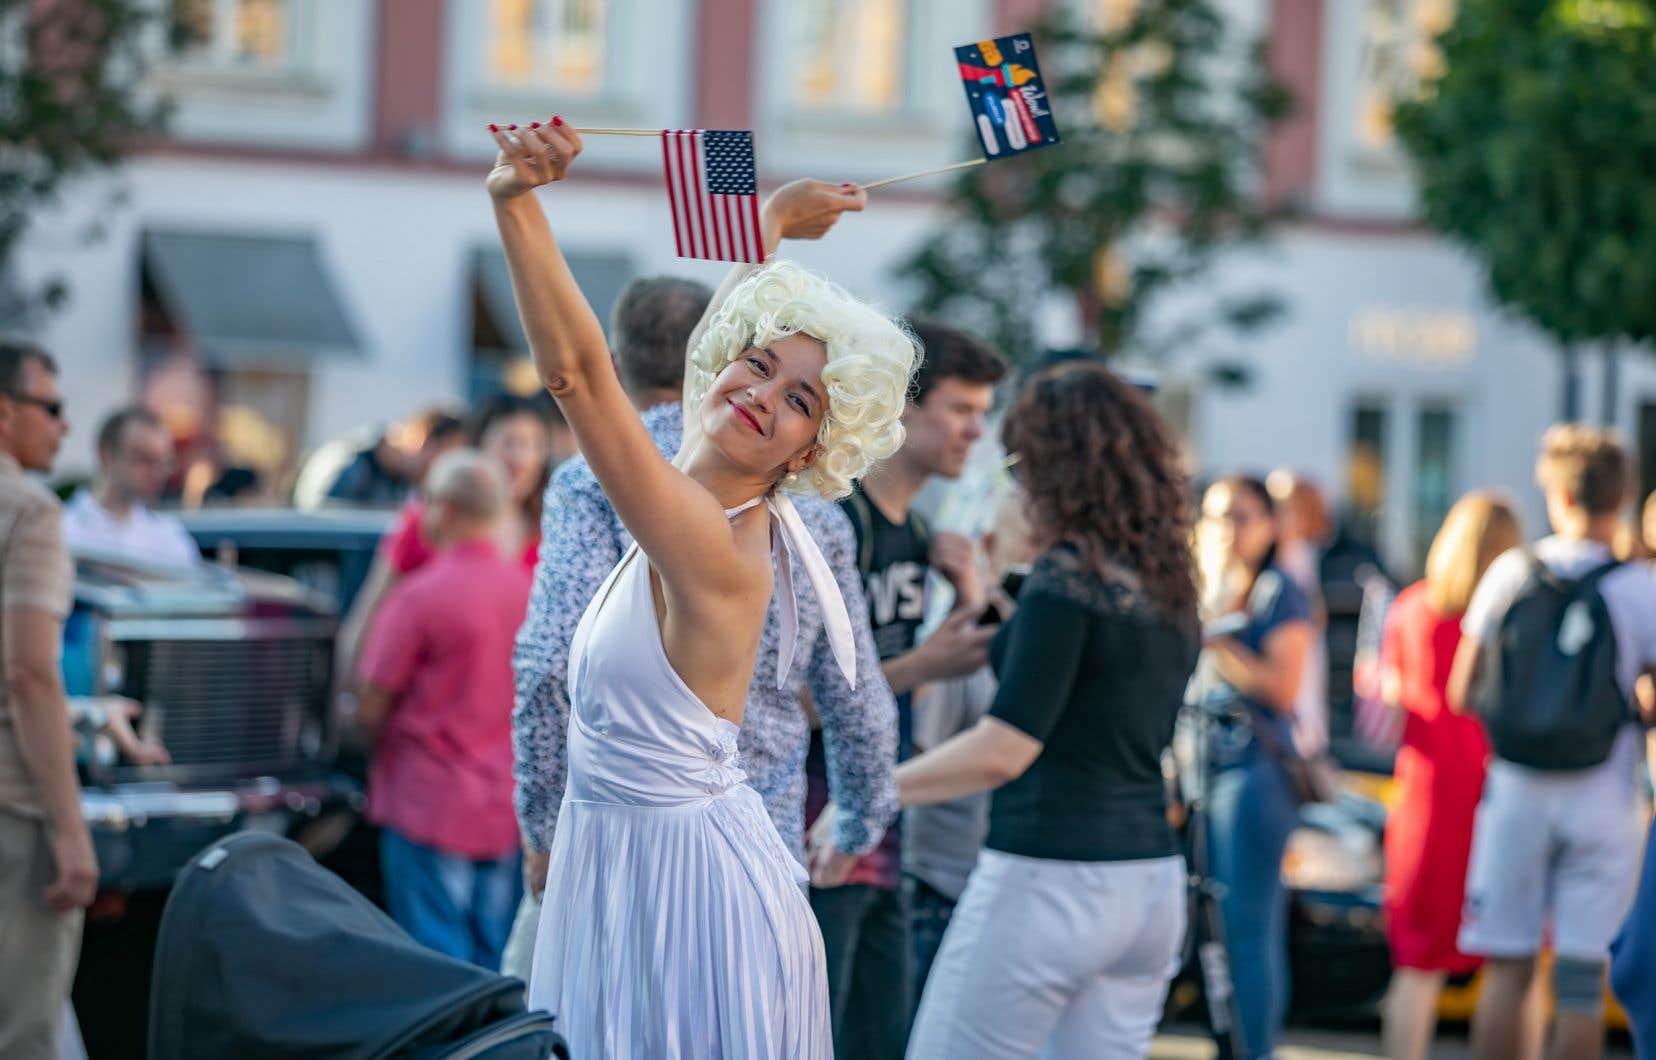 La Ville  de Vilnius,  en Lituanie,  a choisi d'offrir à ses citoyens  le monde sur  un plateau  d'argent. Faute de pouvoir  se barrer  à Londres, Paris ou Tokyo,  les Vilnois  peuvent  s'imaginer  chaque nouveau week-end dans différentes  capitales  du monde, tantôt dans  une trattoria  de Naples,  tantôt dans  une ruelle  de Barcelone.